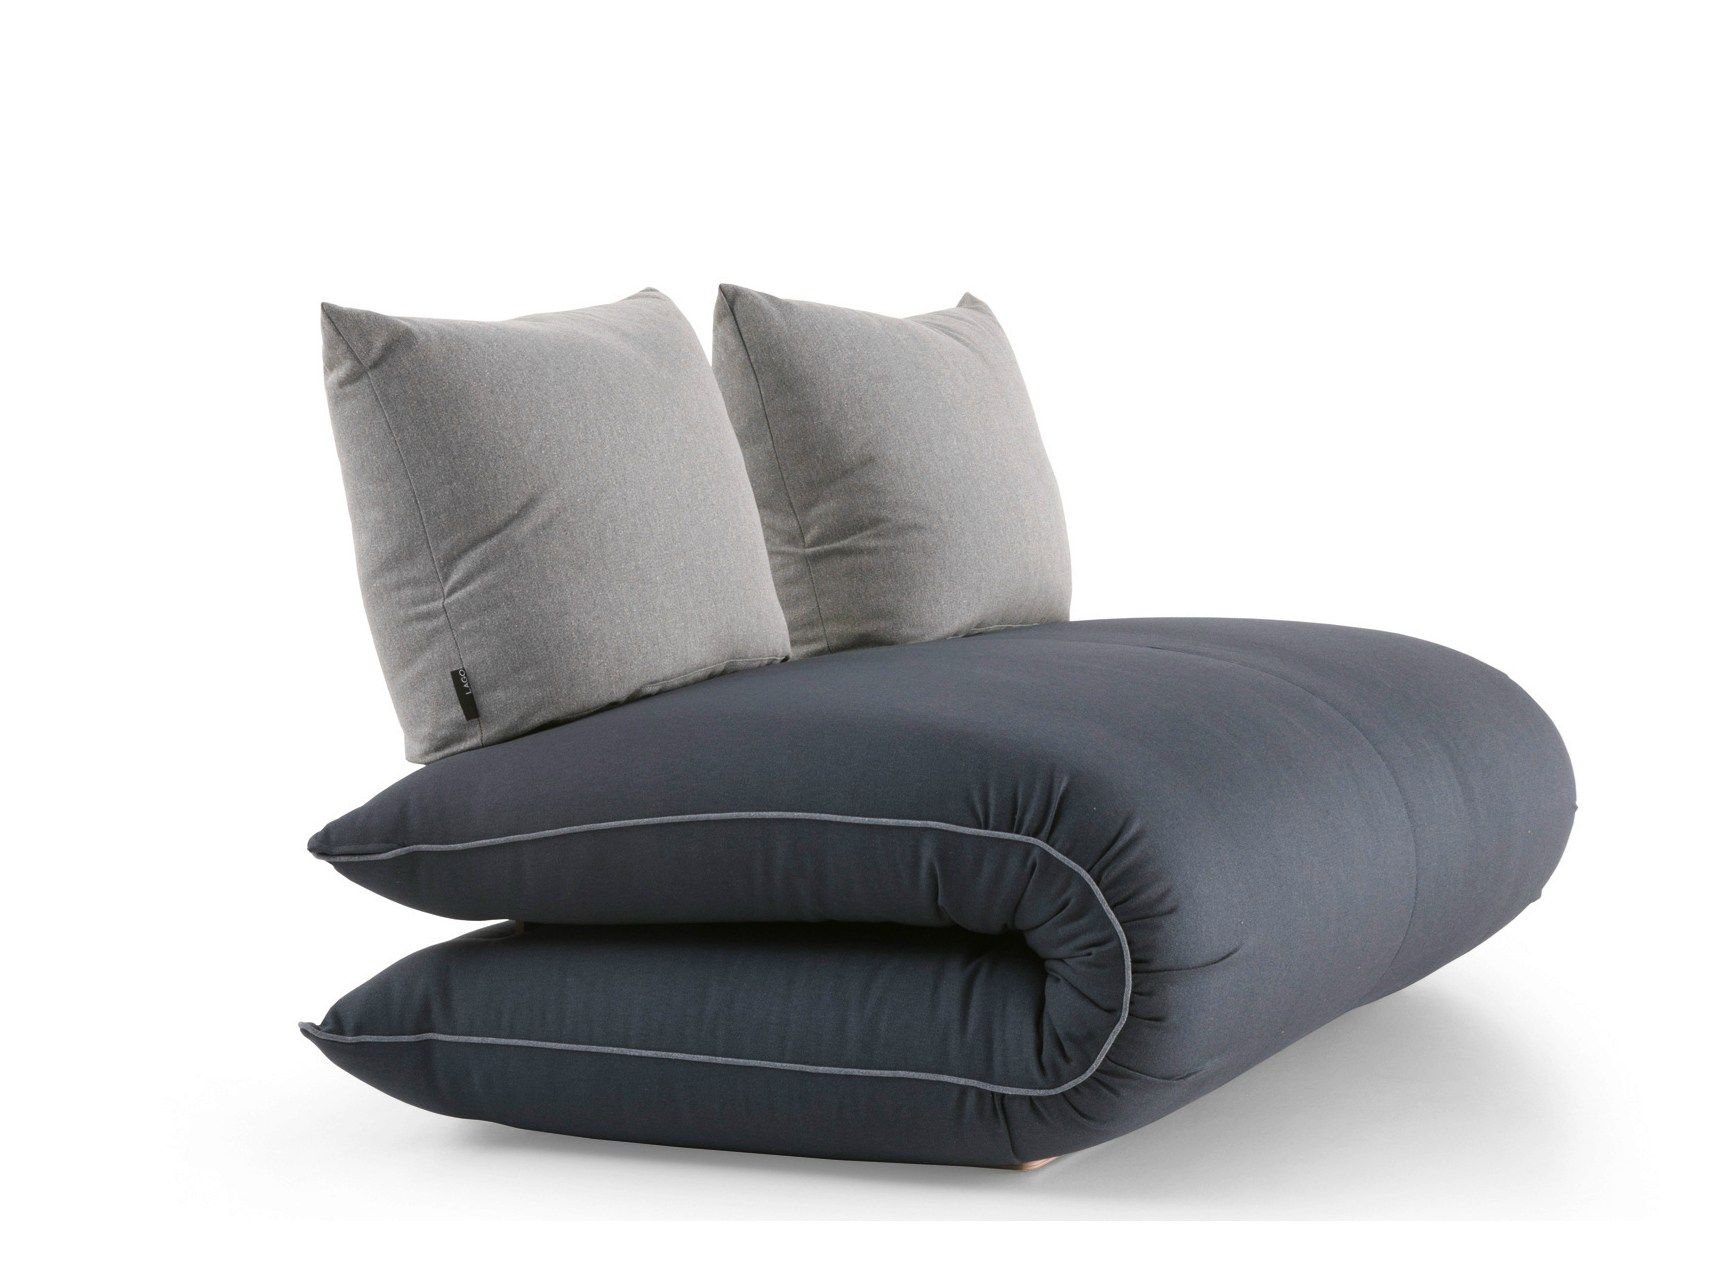 Lago Divano Letto.2 Seater Small Sofa Chama Collection By Lago Design Mi Jin